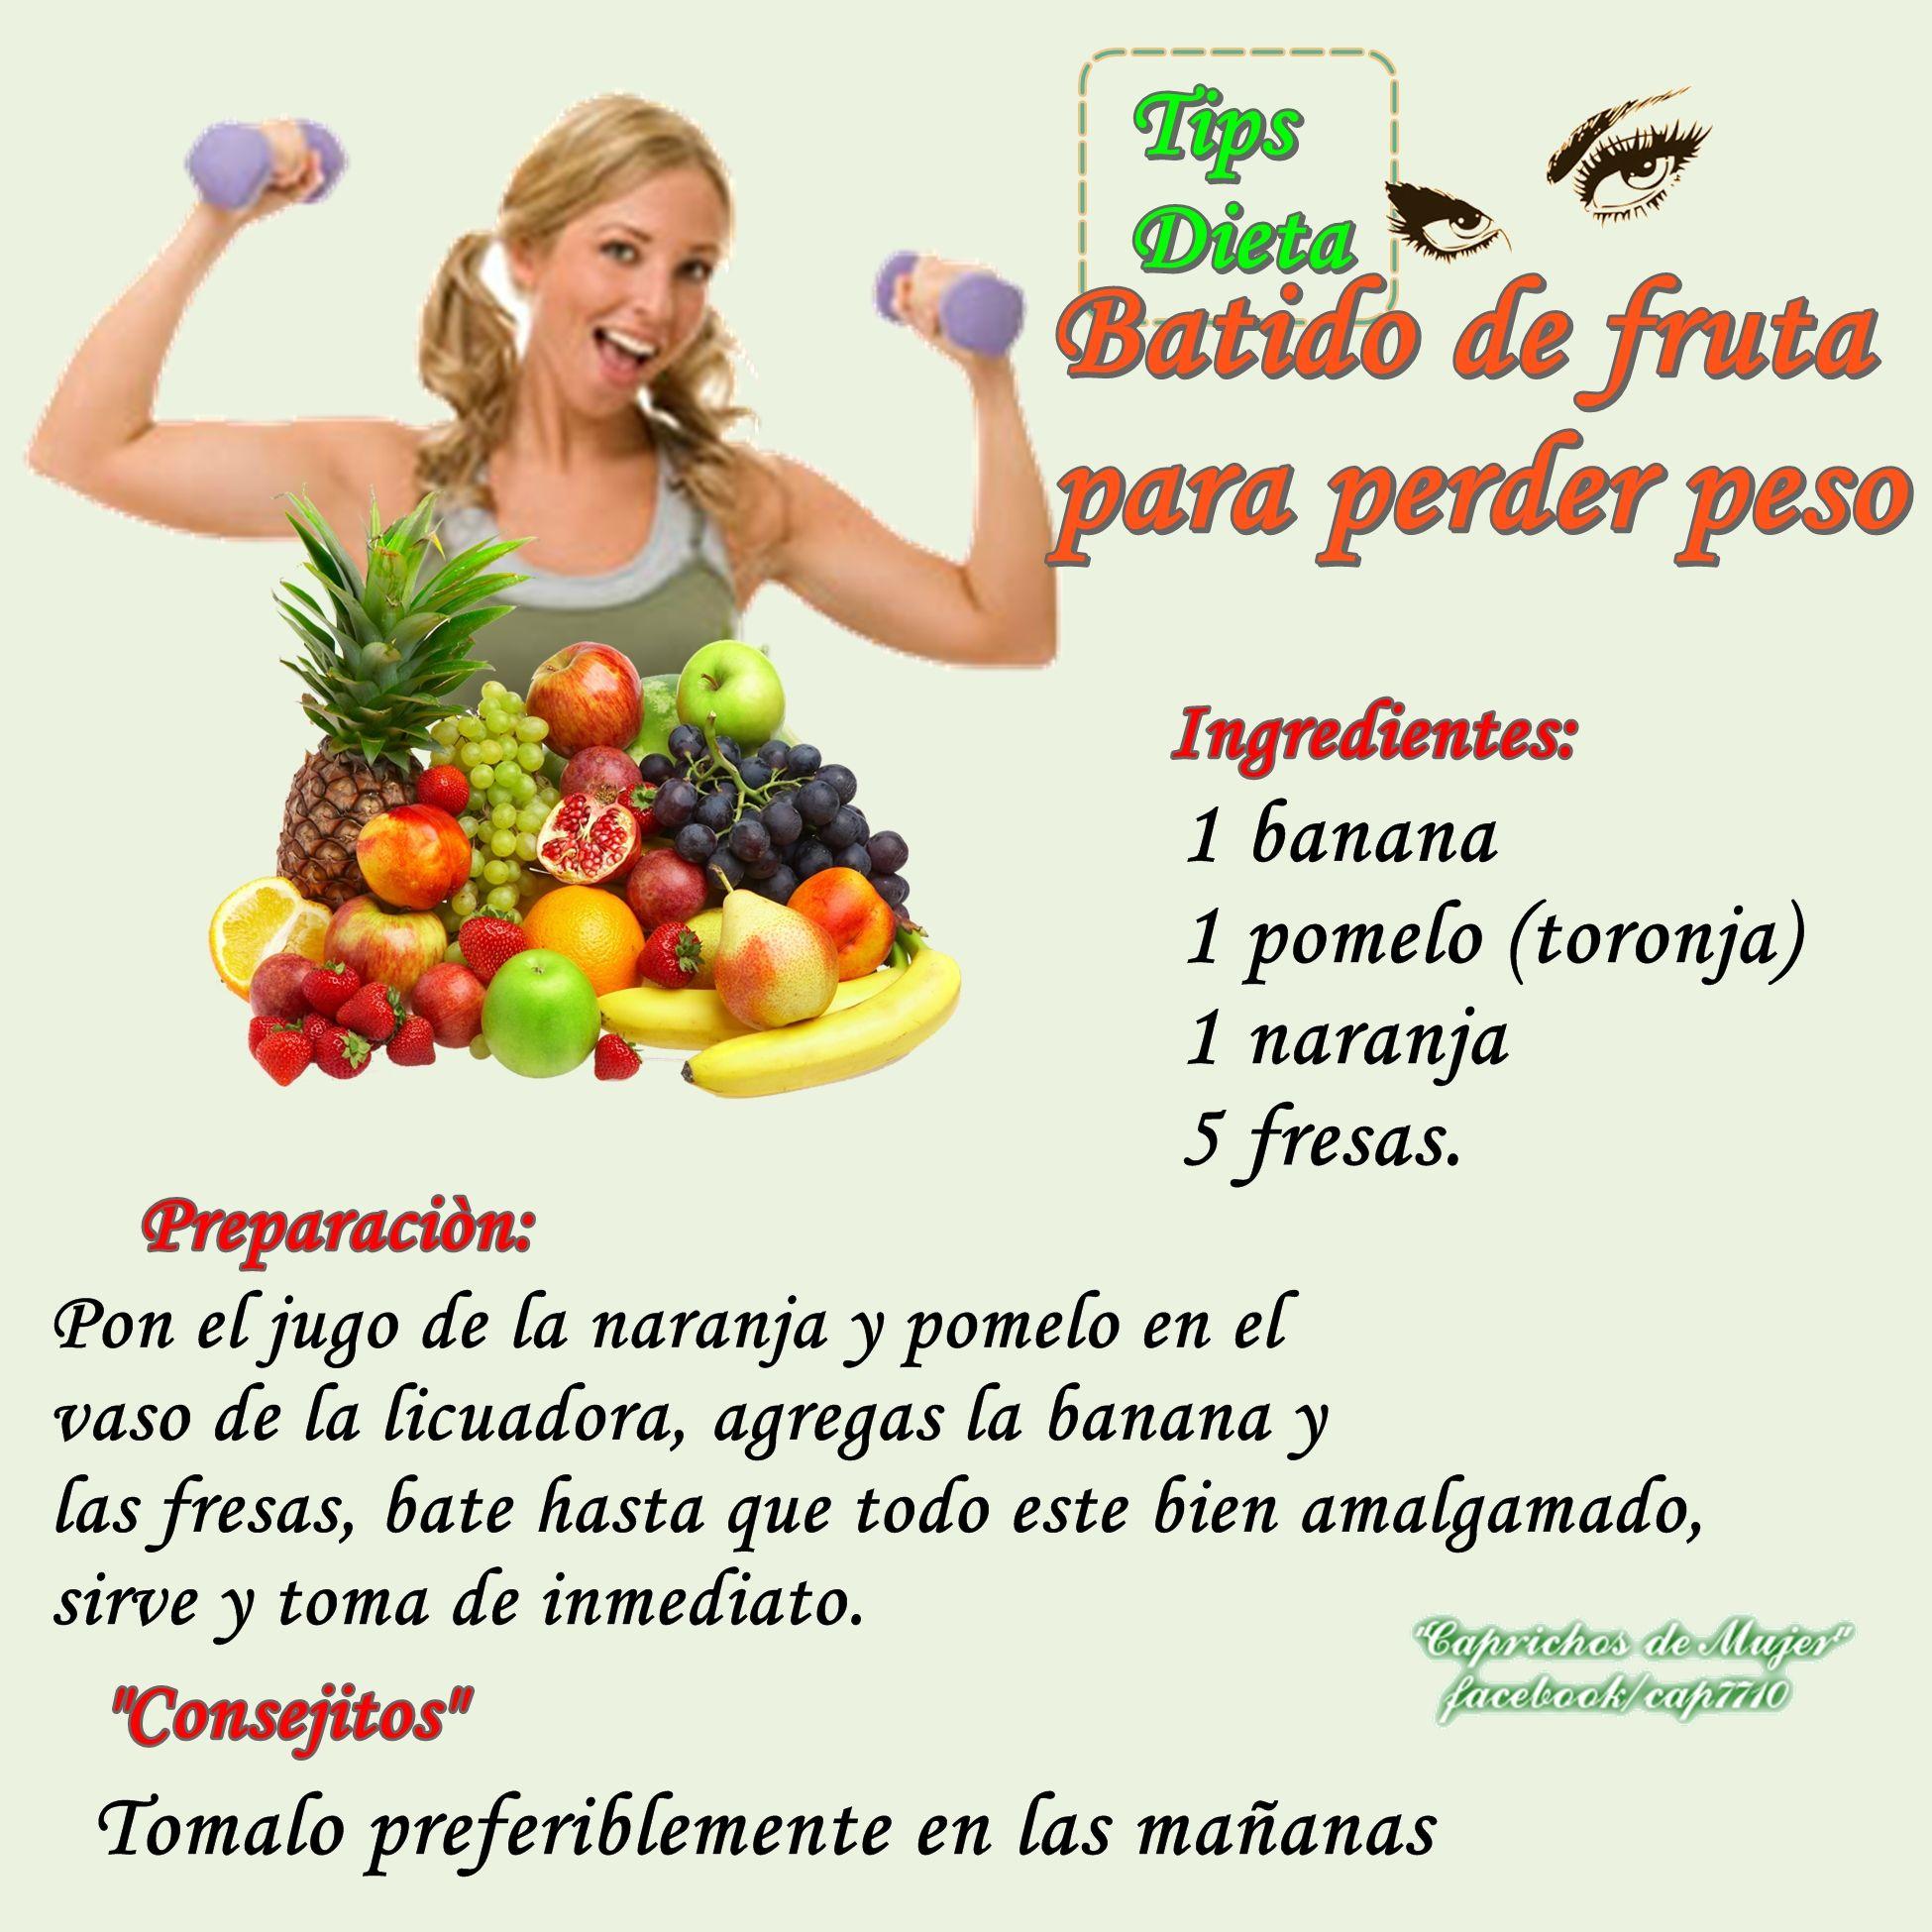 Perder peso con sabor